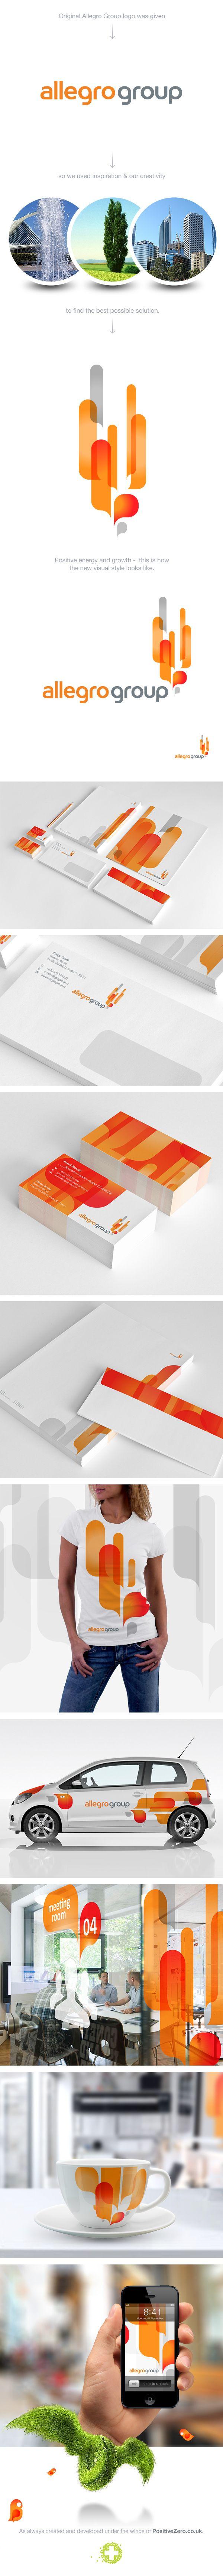 Allegro Group - Corporate Identity by PositiveZero.co.uk , via Behance